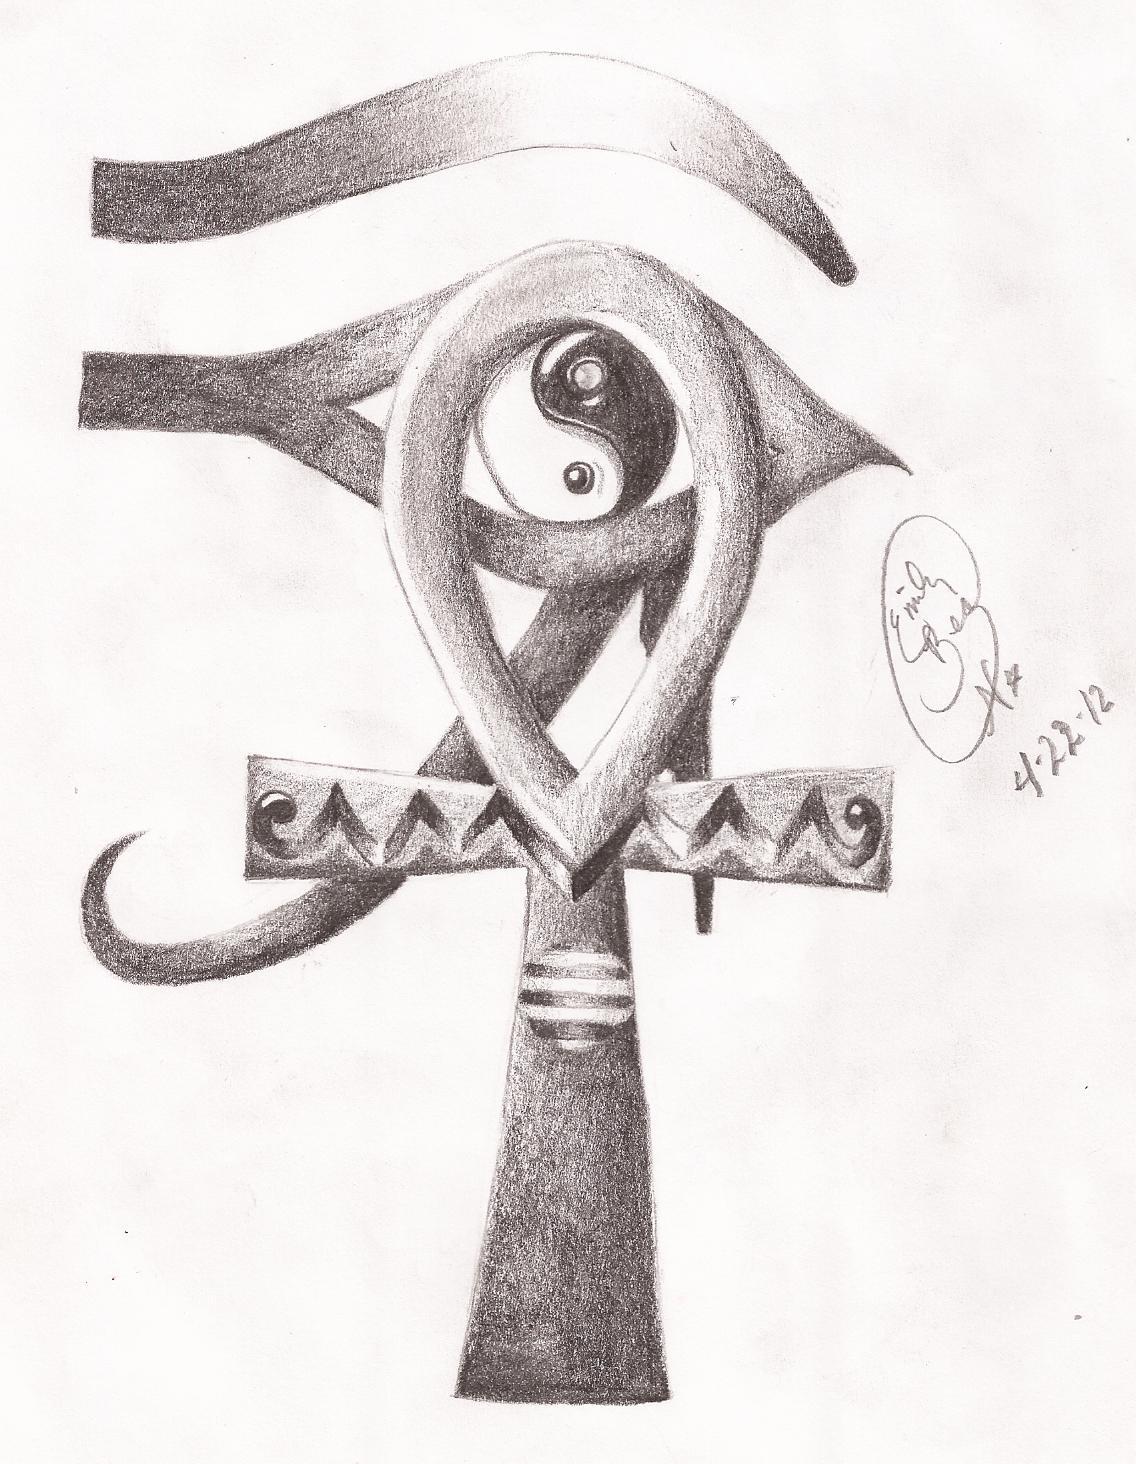 ankh and eye of horus